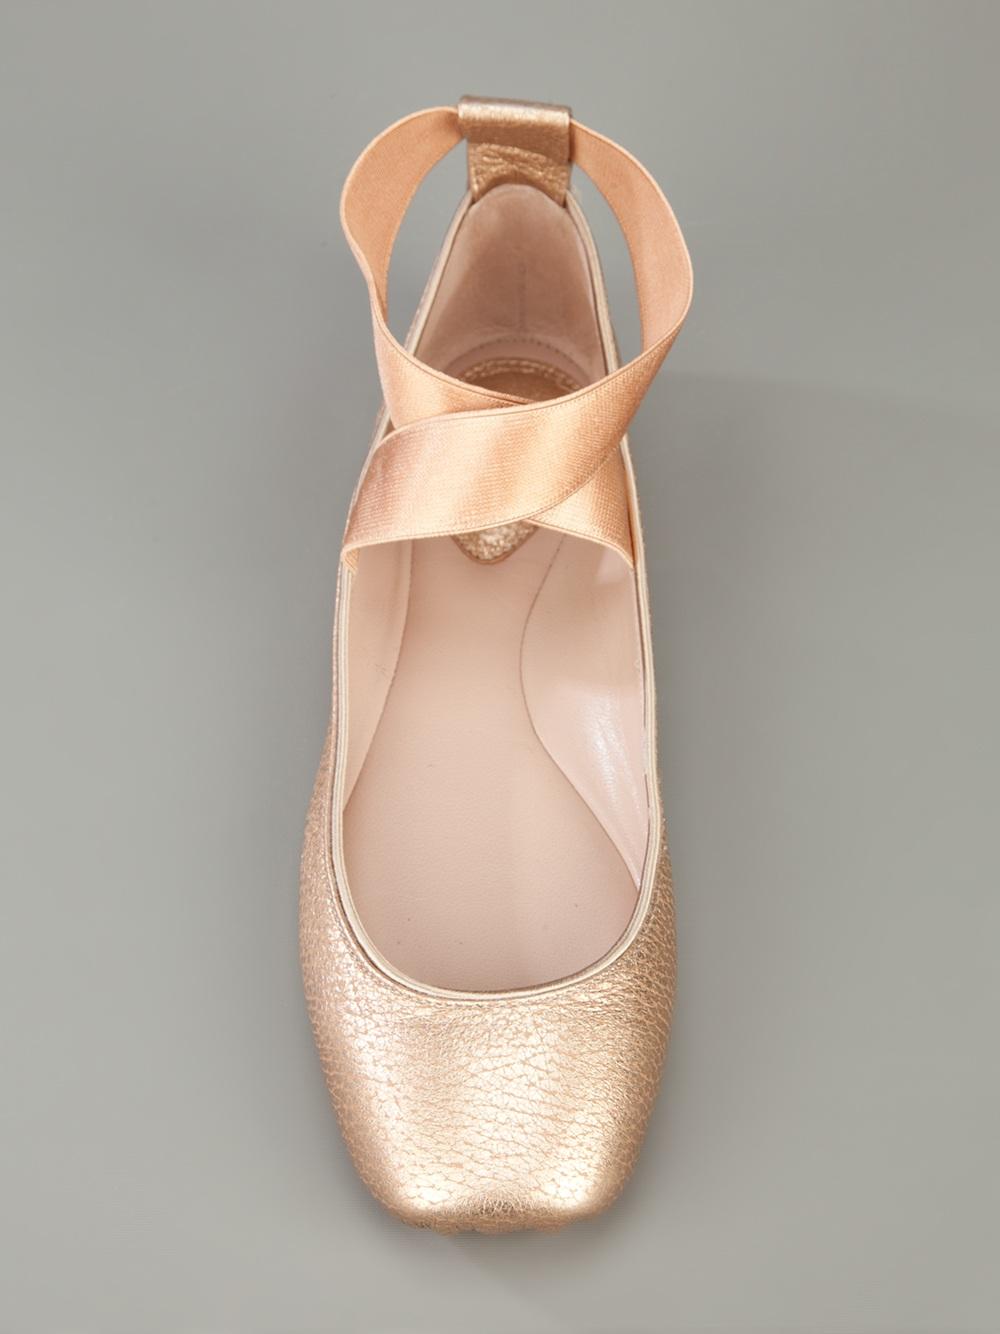 Designer Ballet Flats  Tory Burch